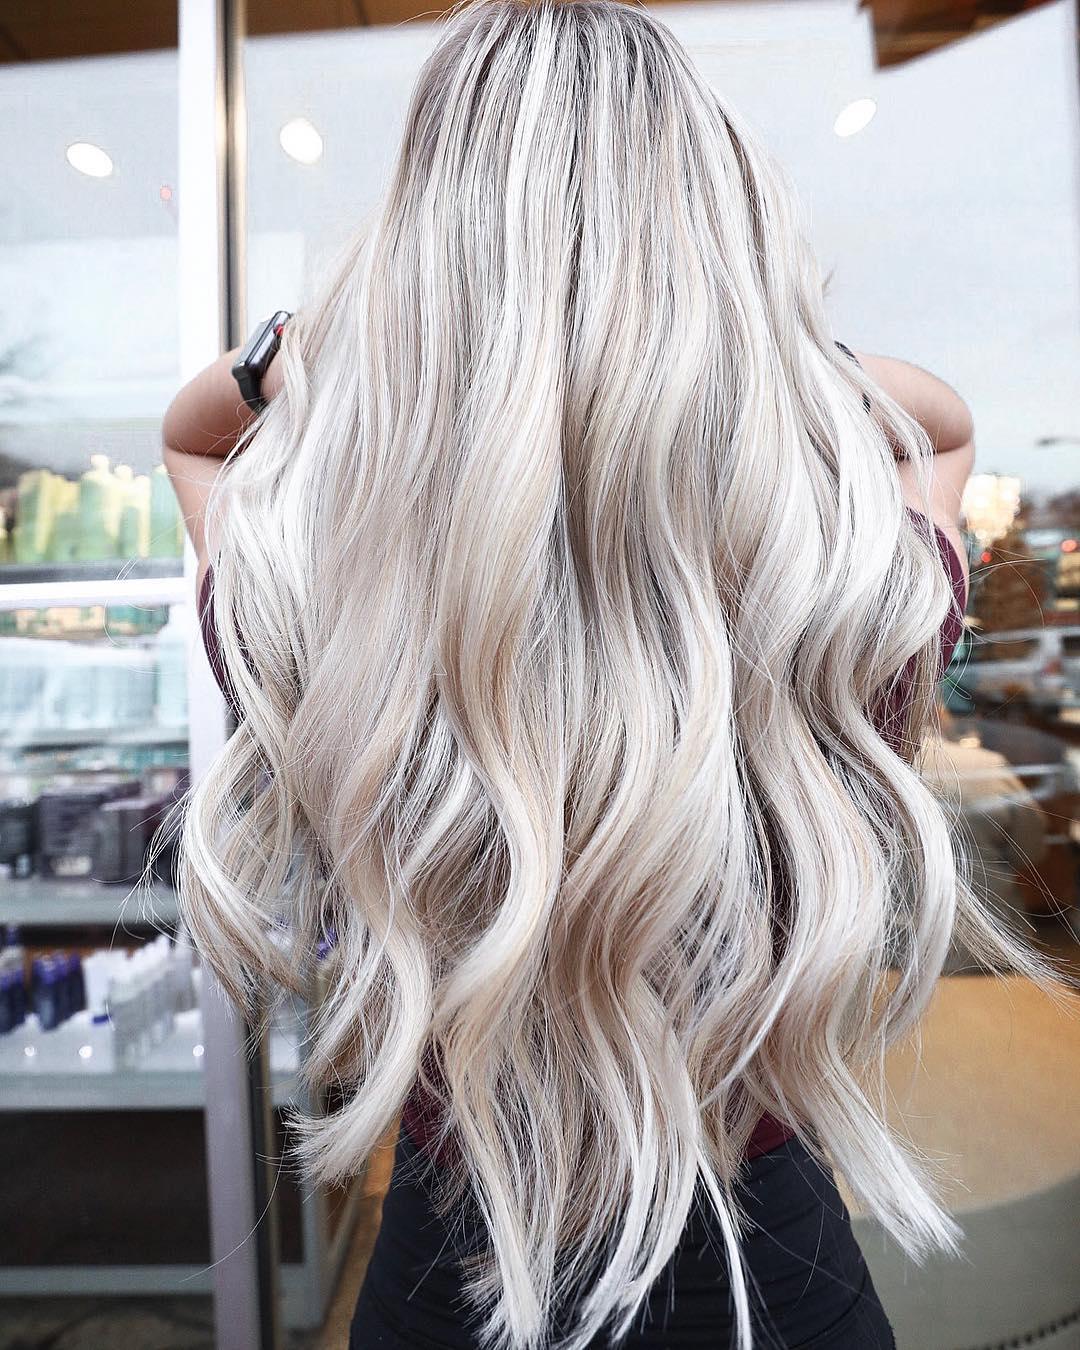 Hair We Love November 19th - 25th 2018